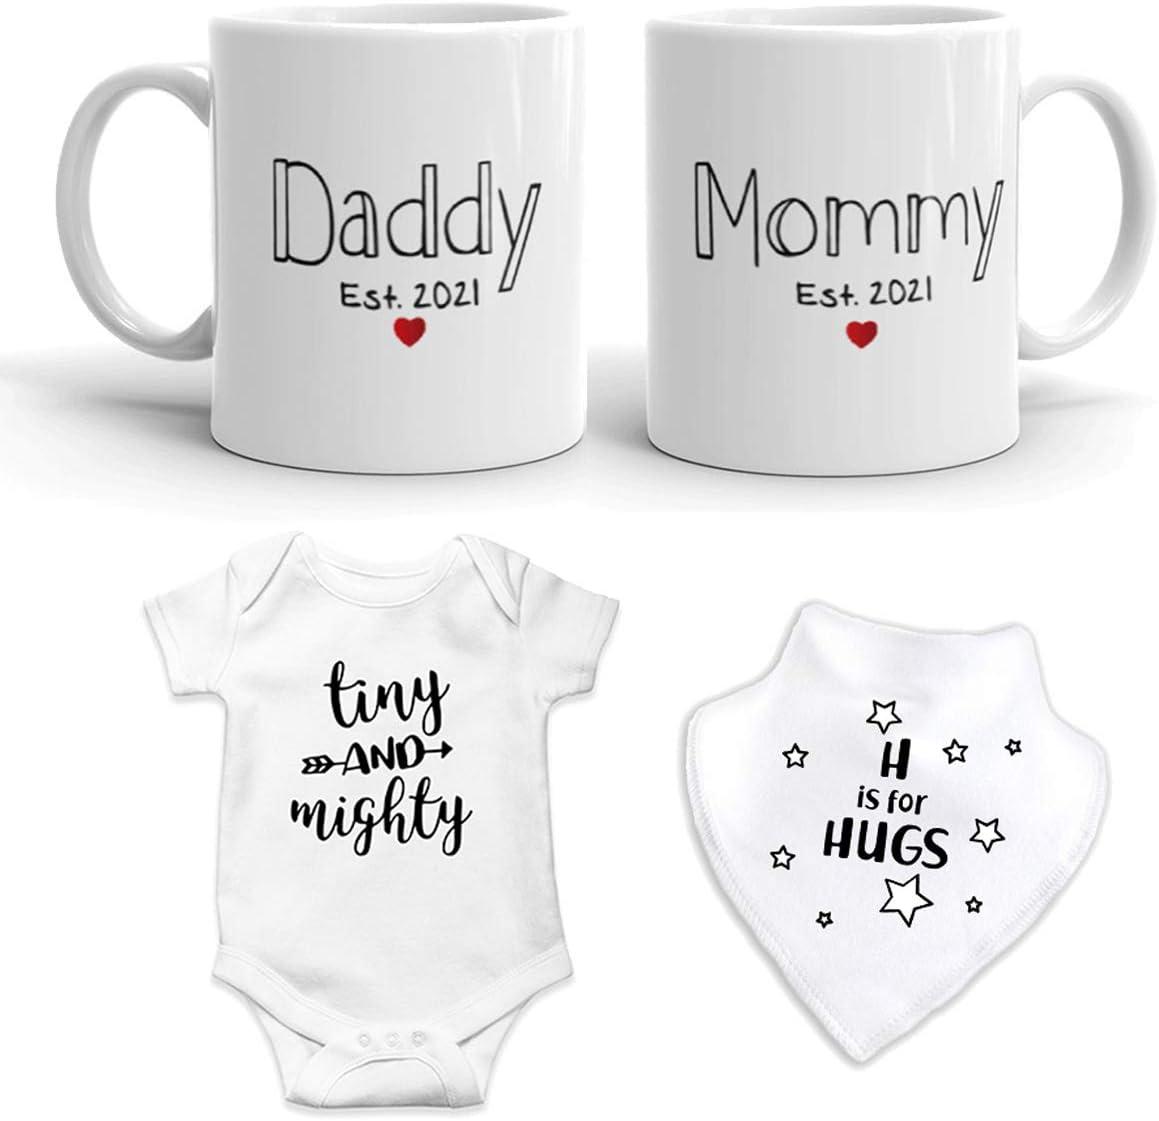 New Mommy /& Daddy 11 oz Mug Heart Mug Set EST 2020 Pregnancy Gifts Top Parents Gift Mug Gift Set